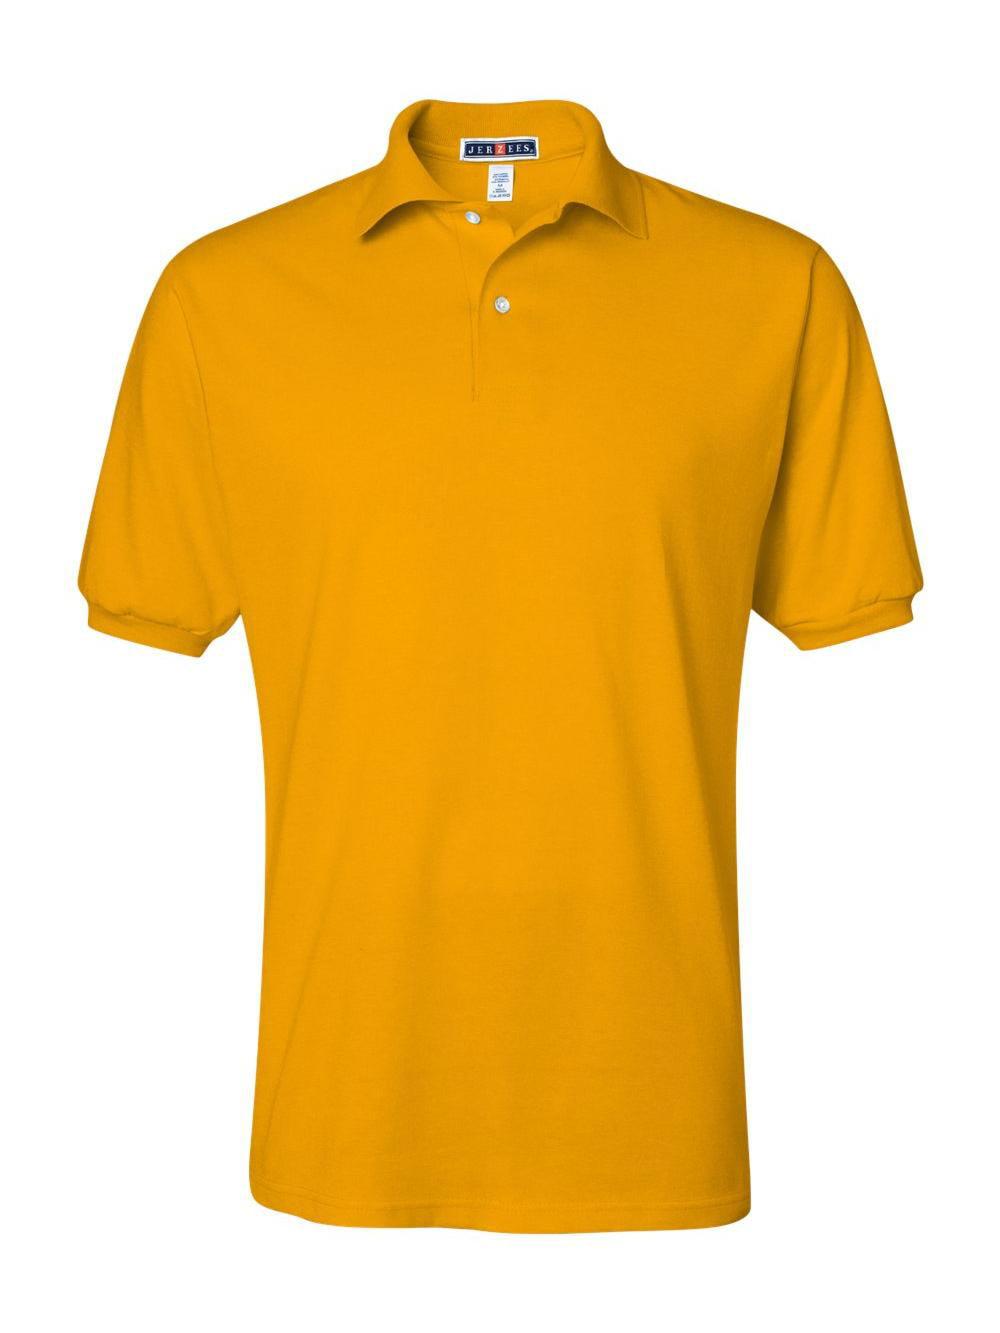 Jerzees Sport Shirts SpotShield? 50/50 Sport Shirt 437MSR